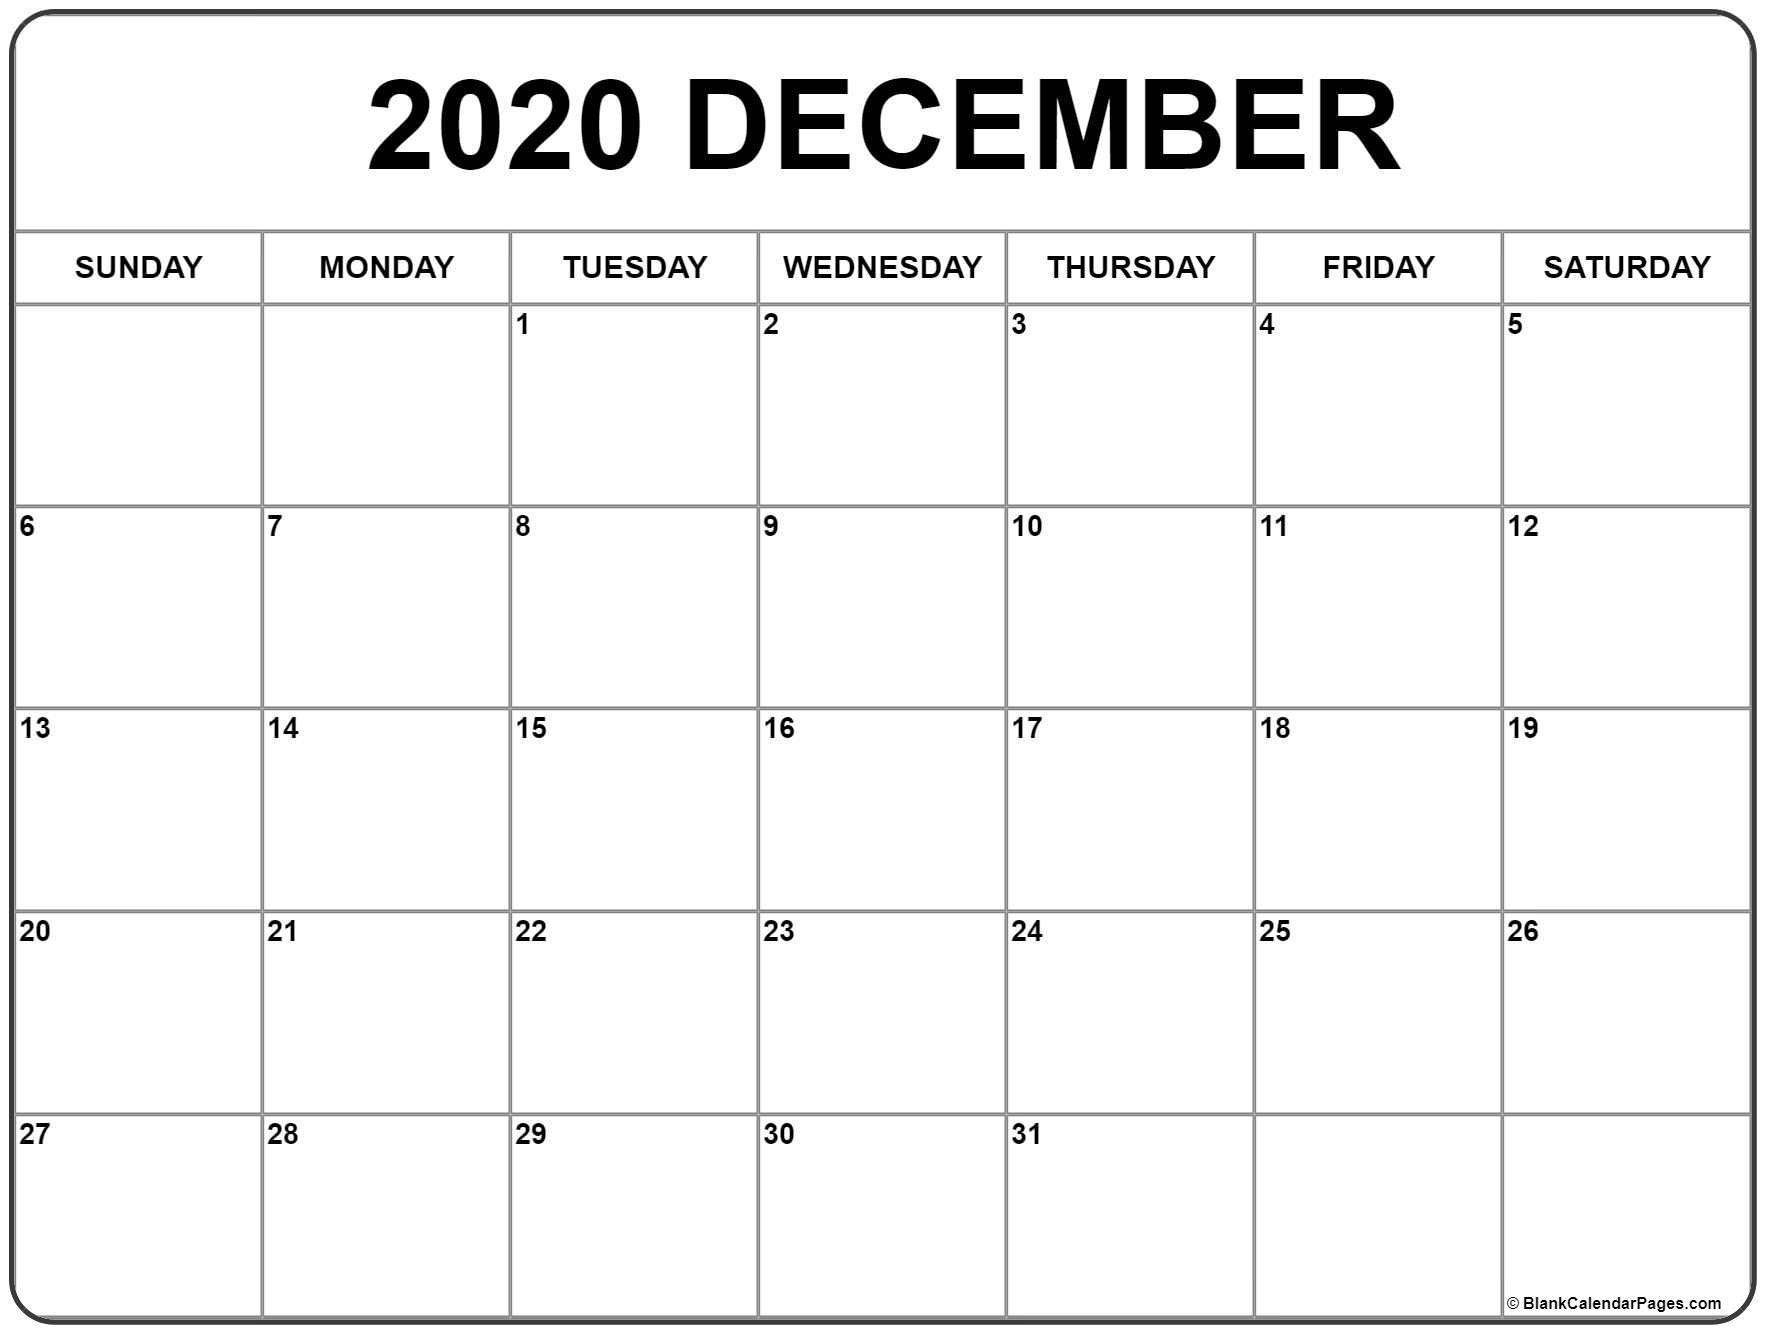 Calendar 2020 December Printable  Bolan.horizonconsulting.co within Nov Dec 2020 Calendar